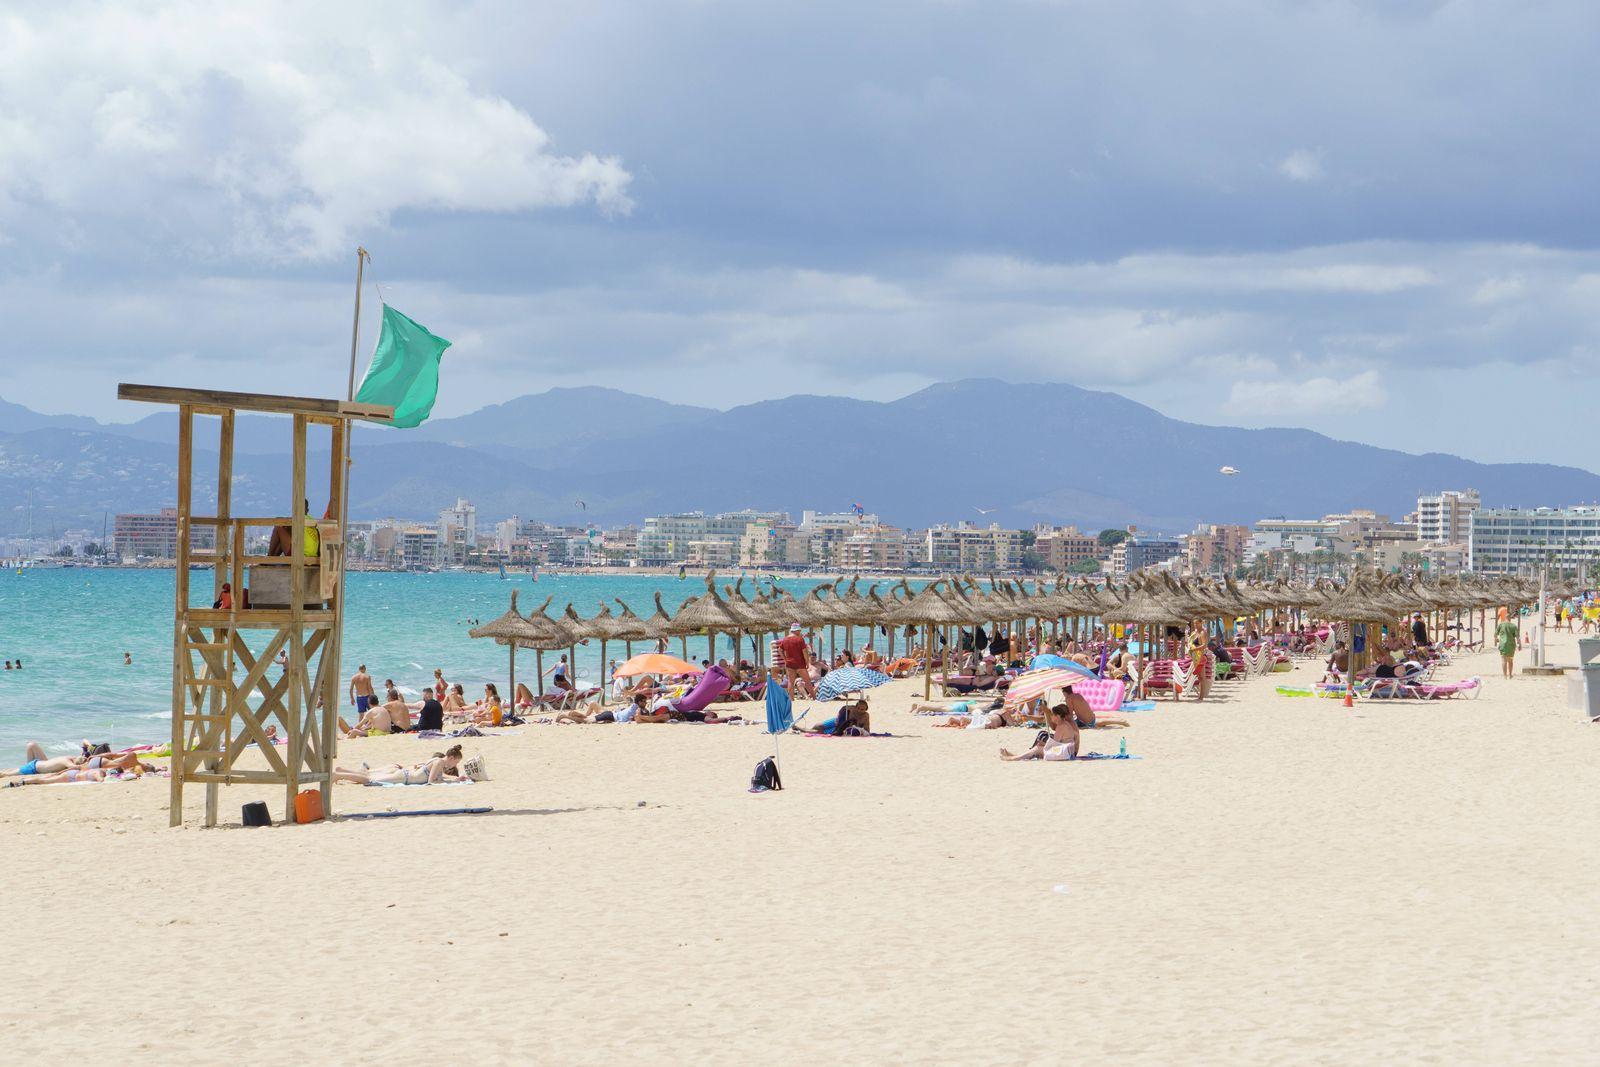 Playa de Palma auf Mallorca im zweiten Jahr der Corona-Pandemie Hochsaison Sommer 2021 -;Playa de Palma auf Mallorca im